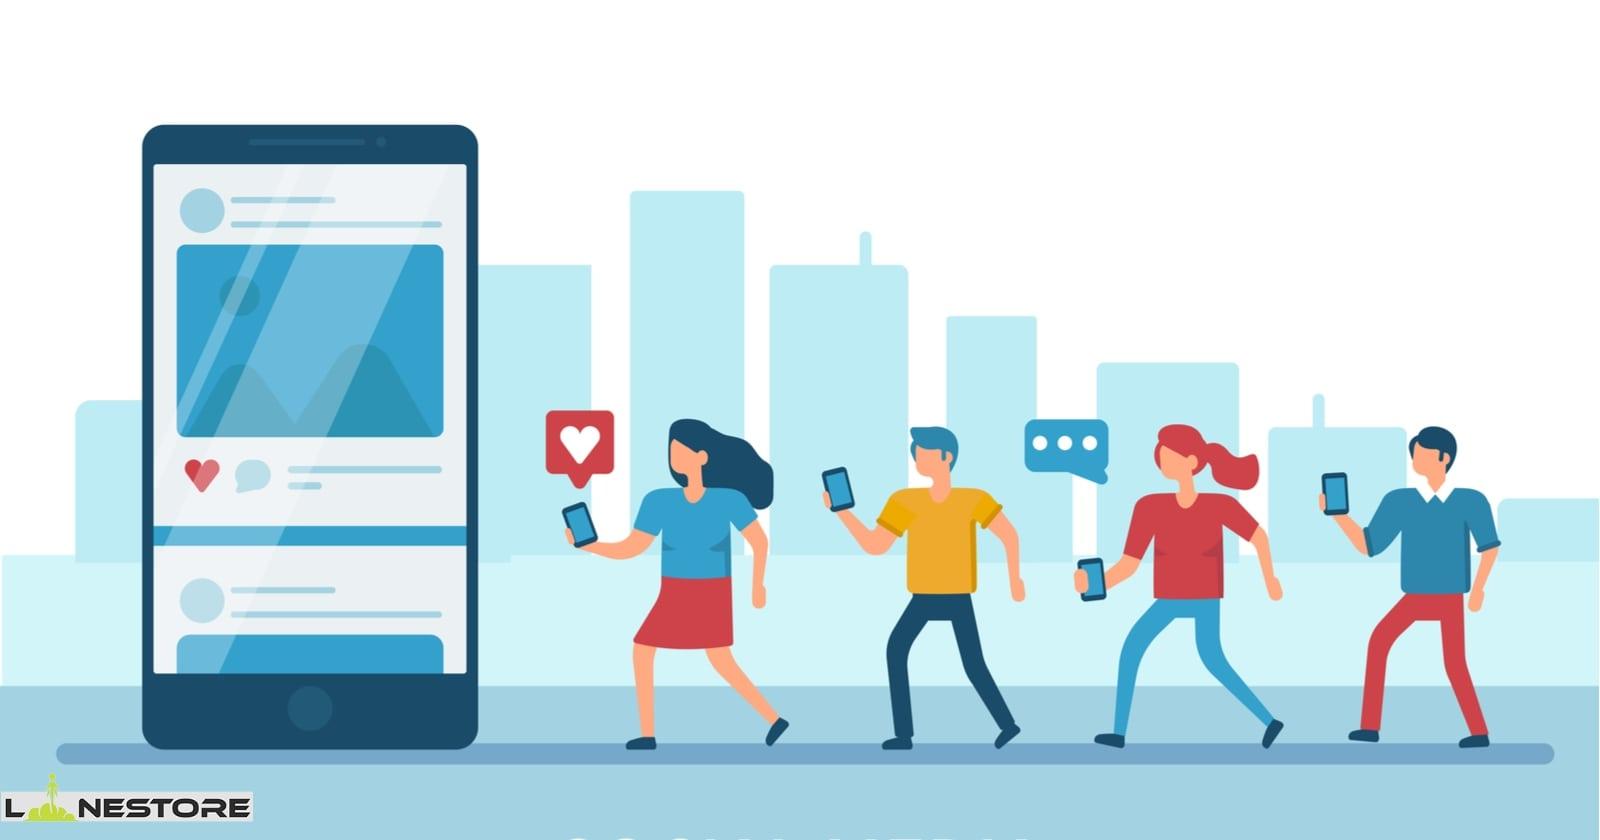 چرا شبکه های اجتماعی تا این اندازه اهمیت پیدا کرده اند؟